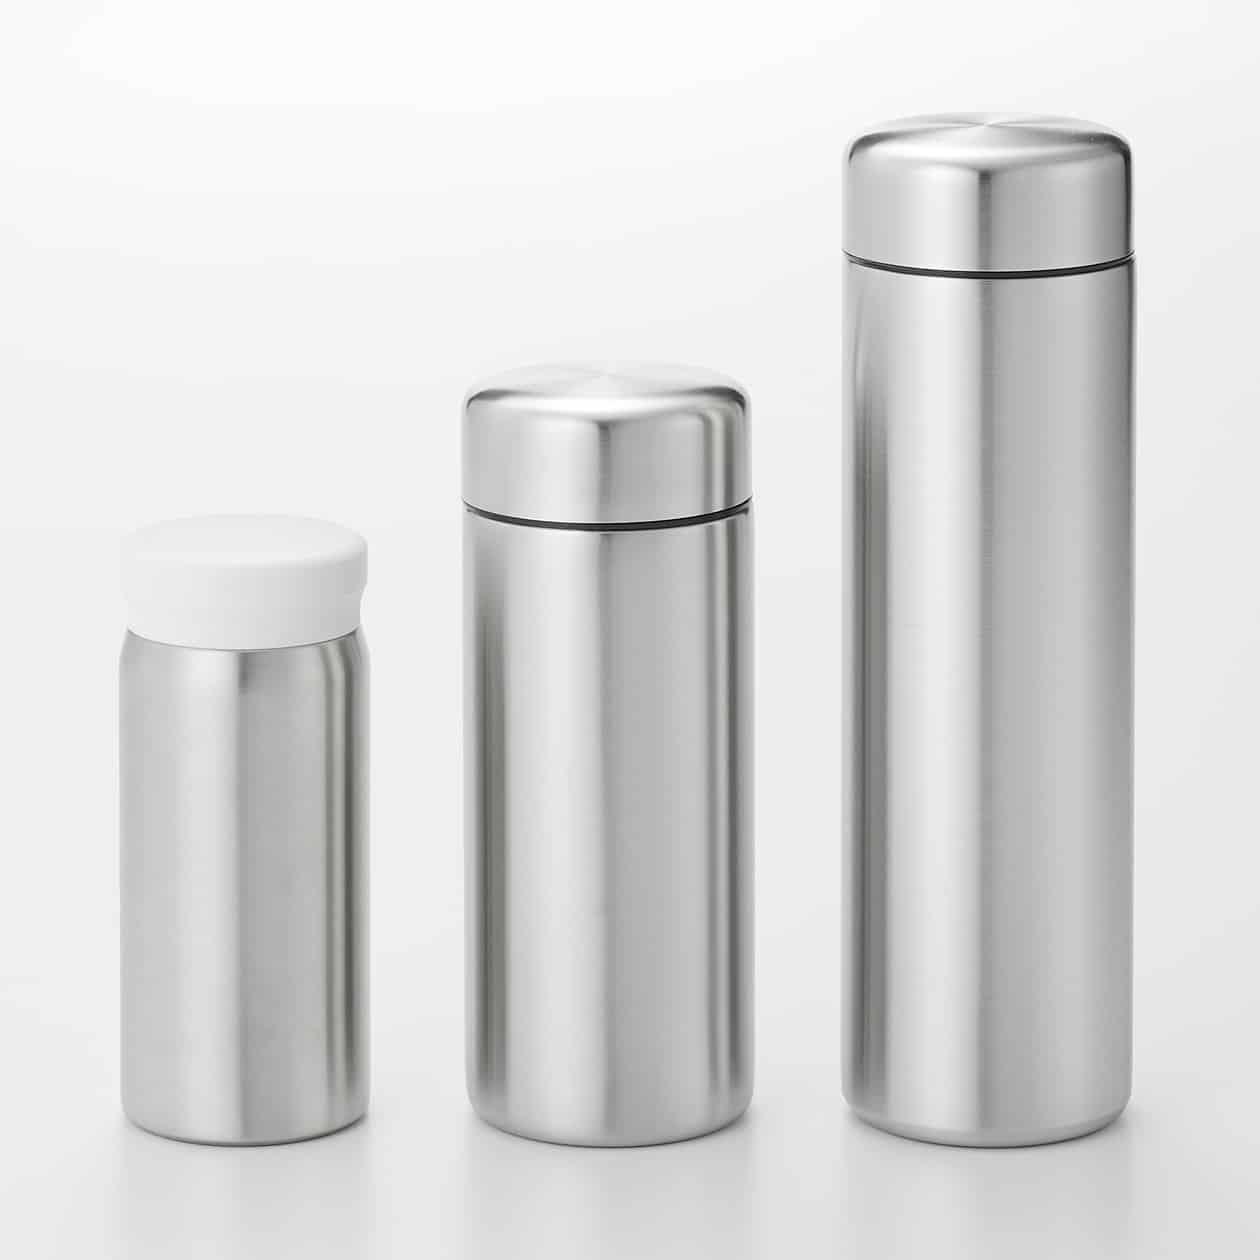 แก้วมัคสเตนเลสสตีลที่สามารถใช้บริการ ตู้กดน้ำดื่ม ฟรีจาก Muji